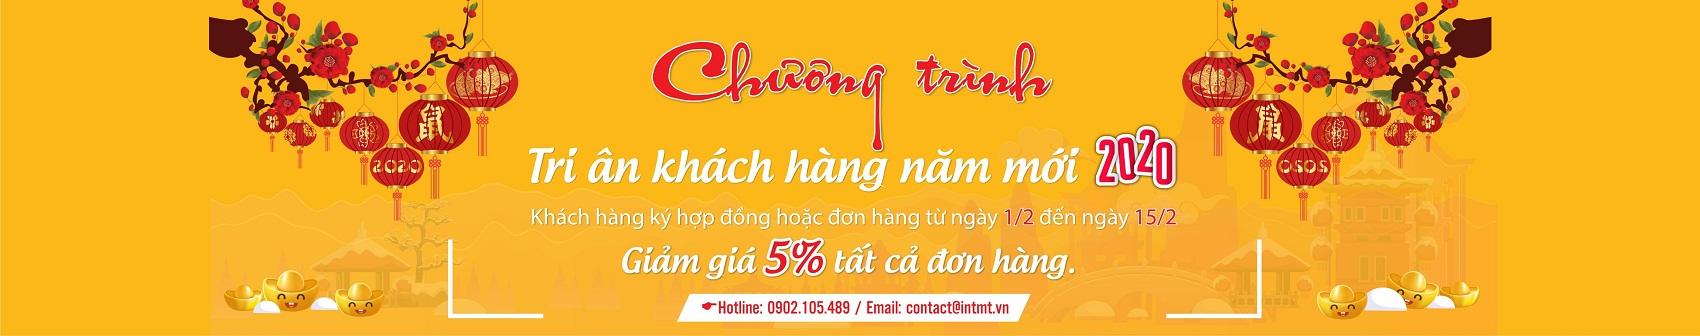 tri-an-khach-hang-dau-nam-in-tmt-banner-1-1